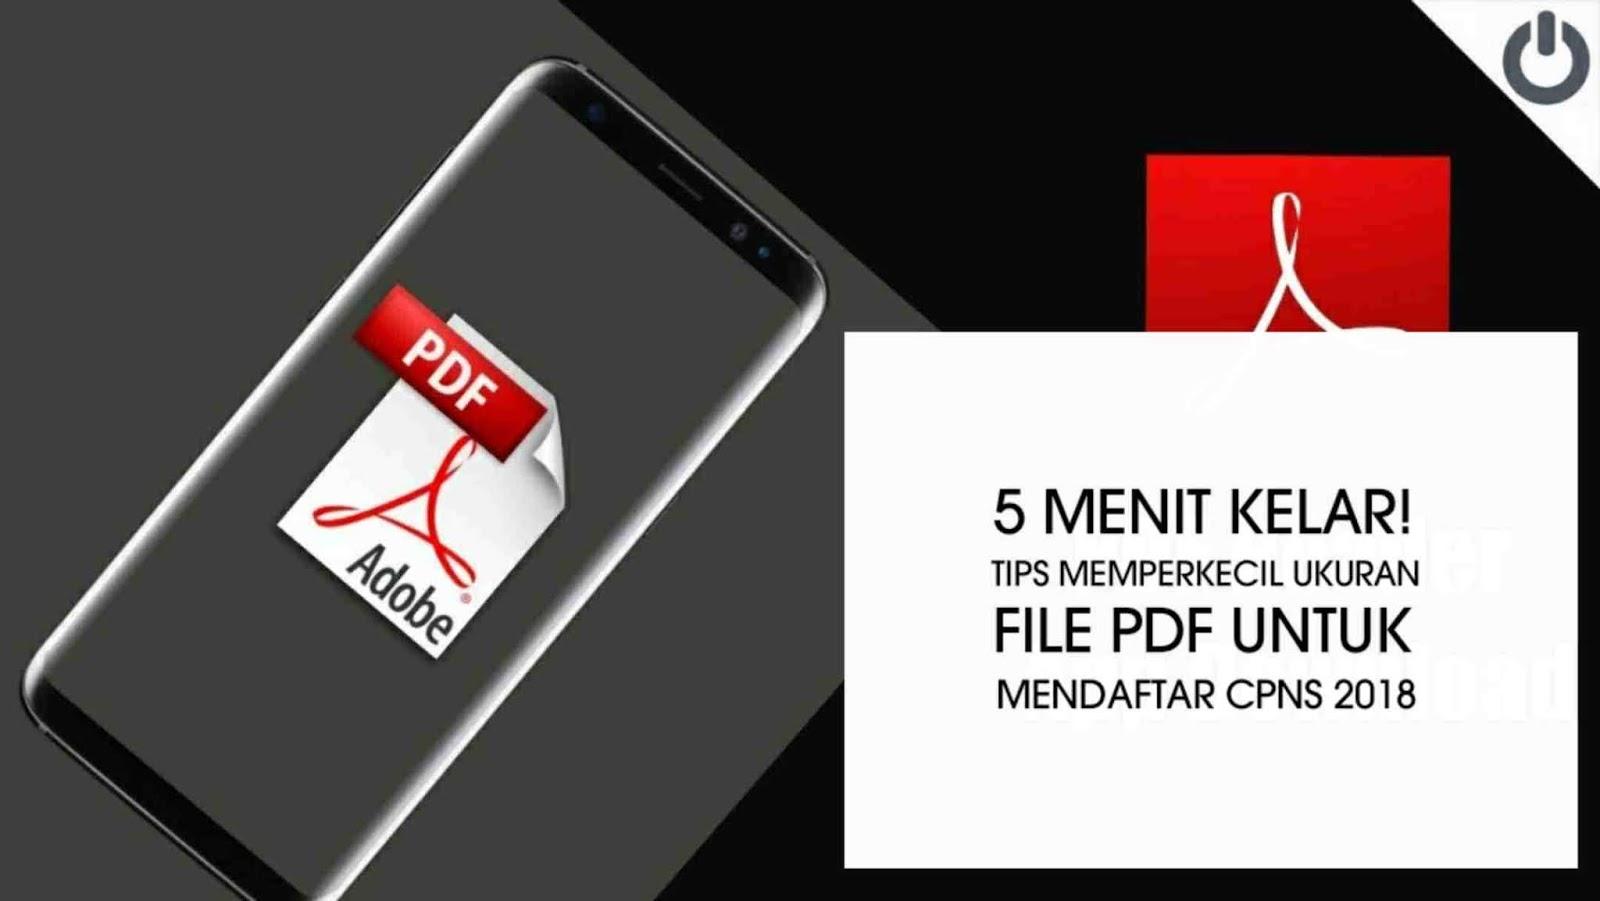 5 menit kelar! Tips memperkecil ukuran file PDF untuk mendaftar cpns 2018